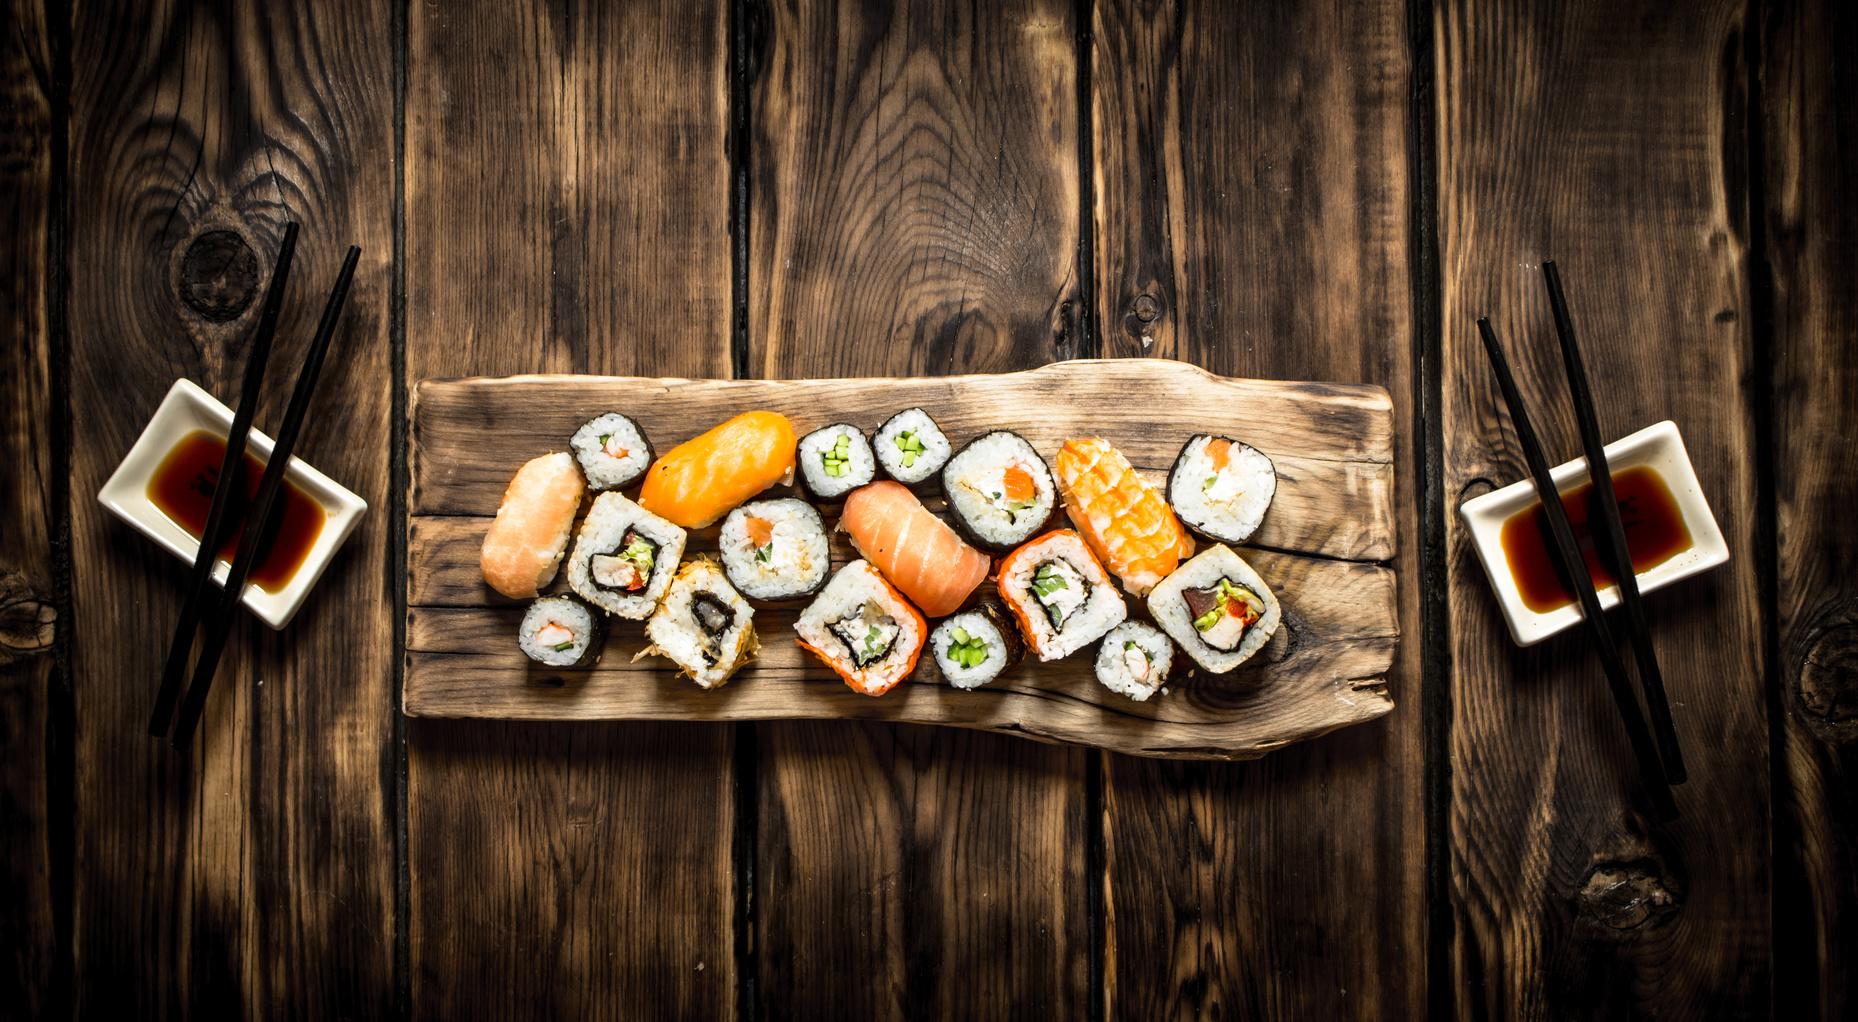 Kahden tai neljän hengen sushilajitelma alk. 19€